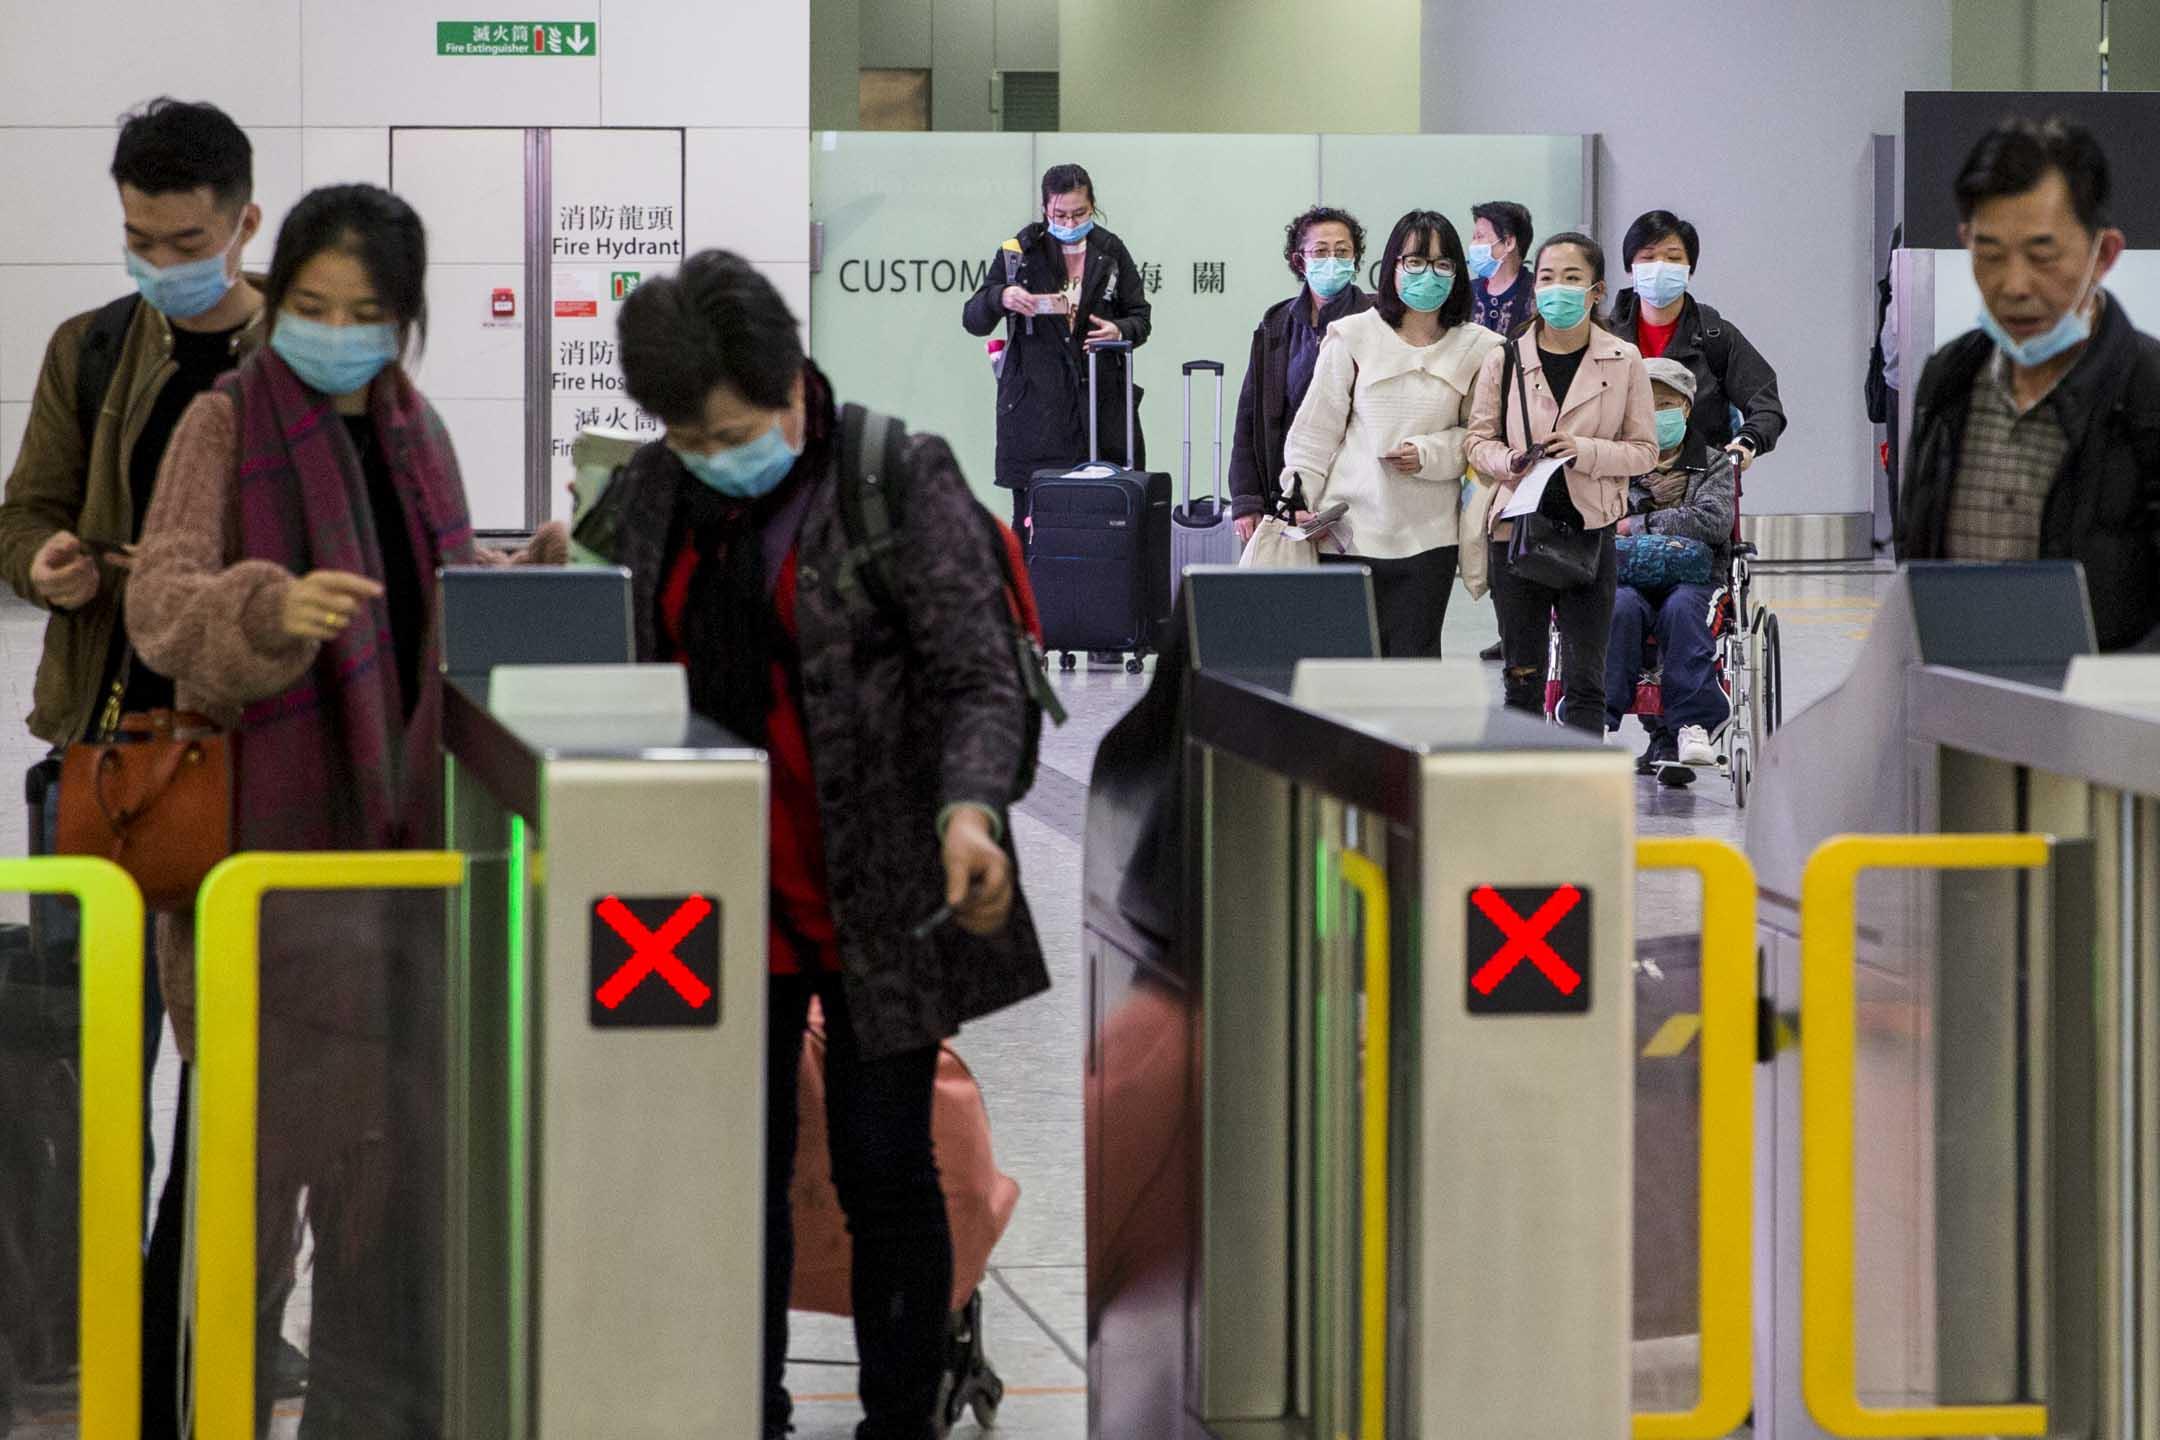 2010年1月21日,香港高鐵西九龍站,不少從內地入境香港的旅客都戴上口罩。